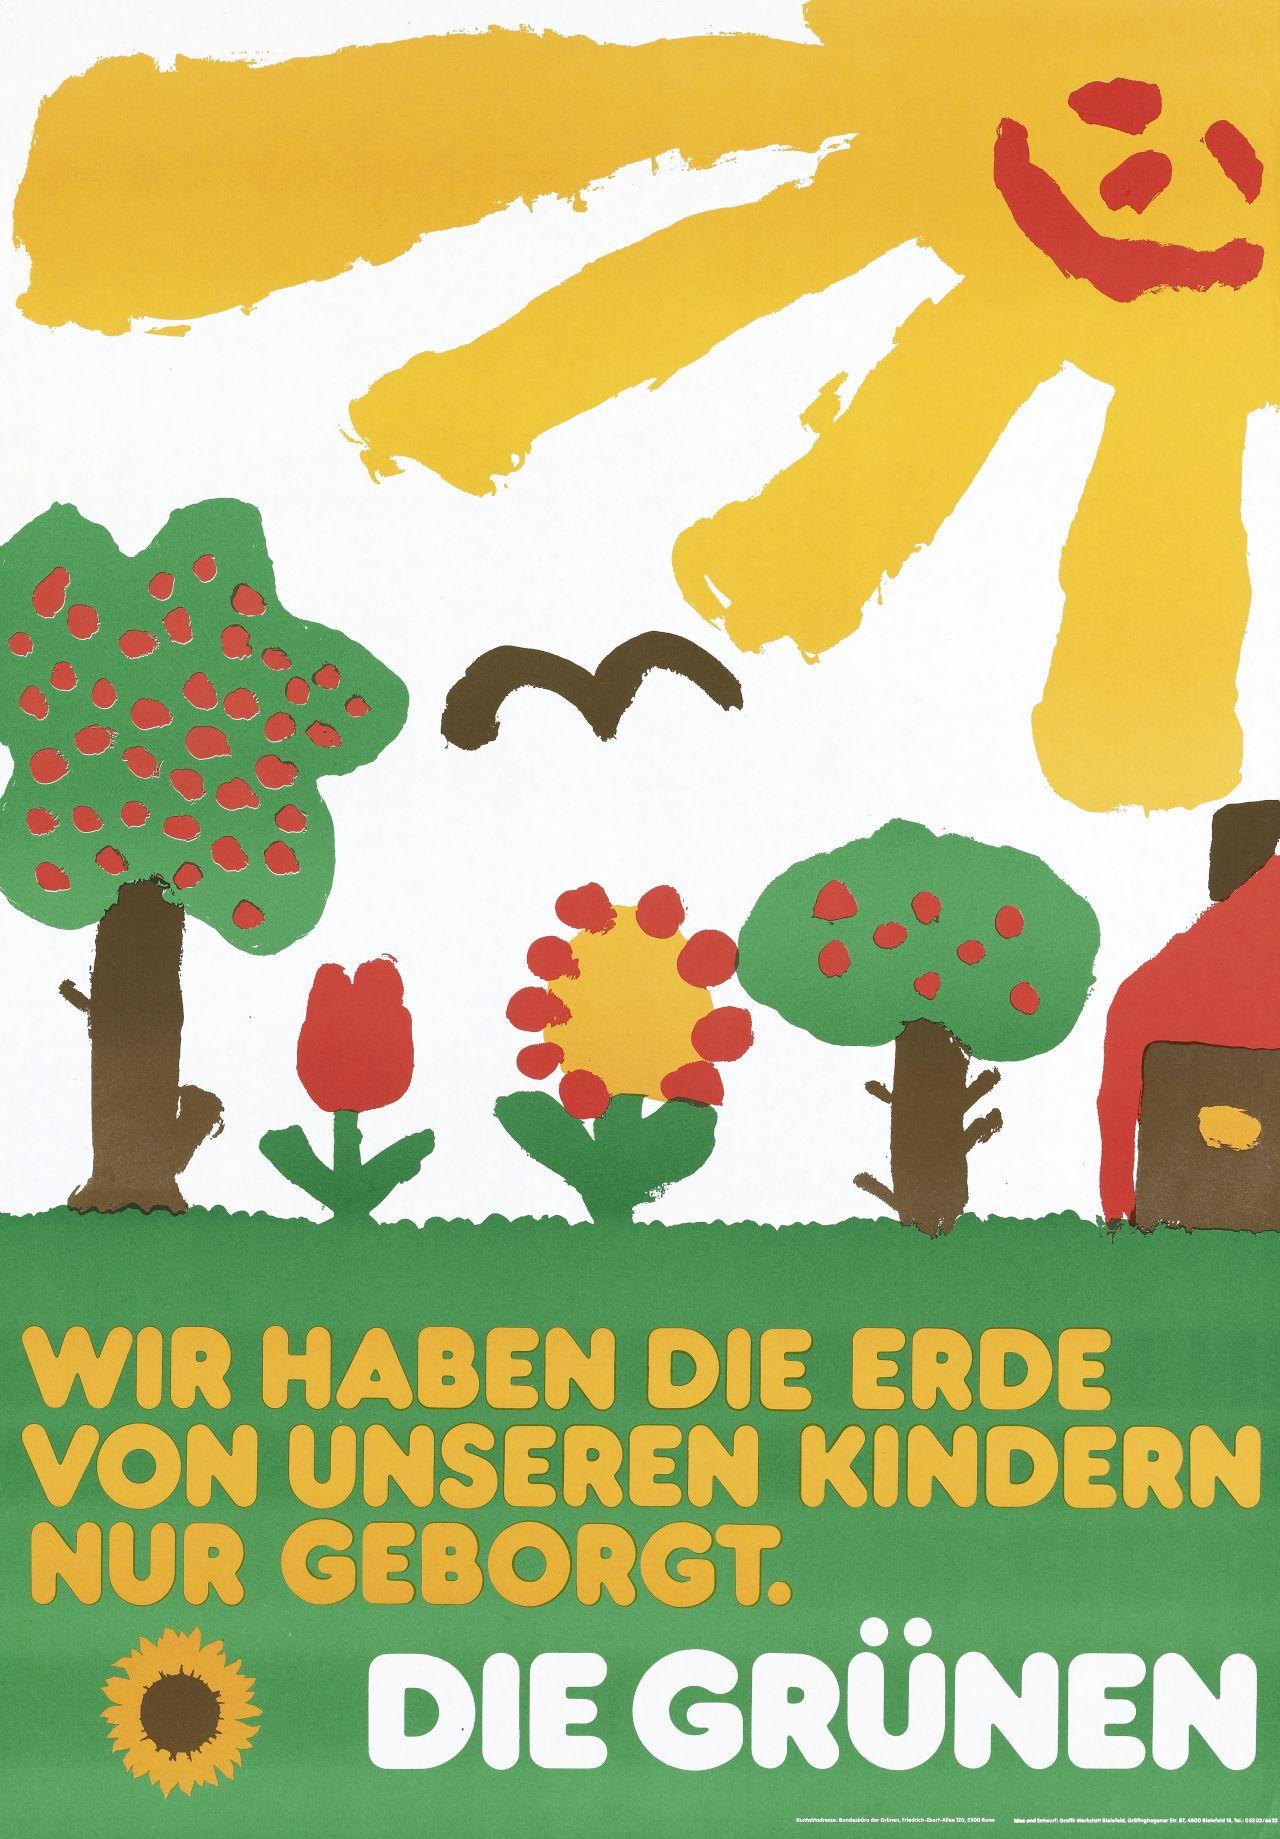 Motiv (farbige Kinderzeichnung): Wiese mit Blumen, Bäumen und Haus, darüber lachende Sonne; Text (gelb, weiß) unten: Wir haben die Erde / von unseren Kindern / nur geborgt. / Die Grünen; links unten Sonnenblume (gelb, braun).